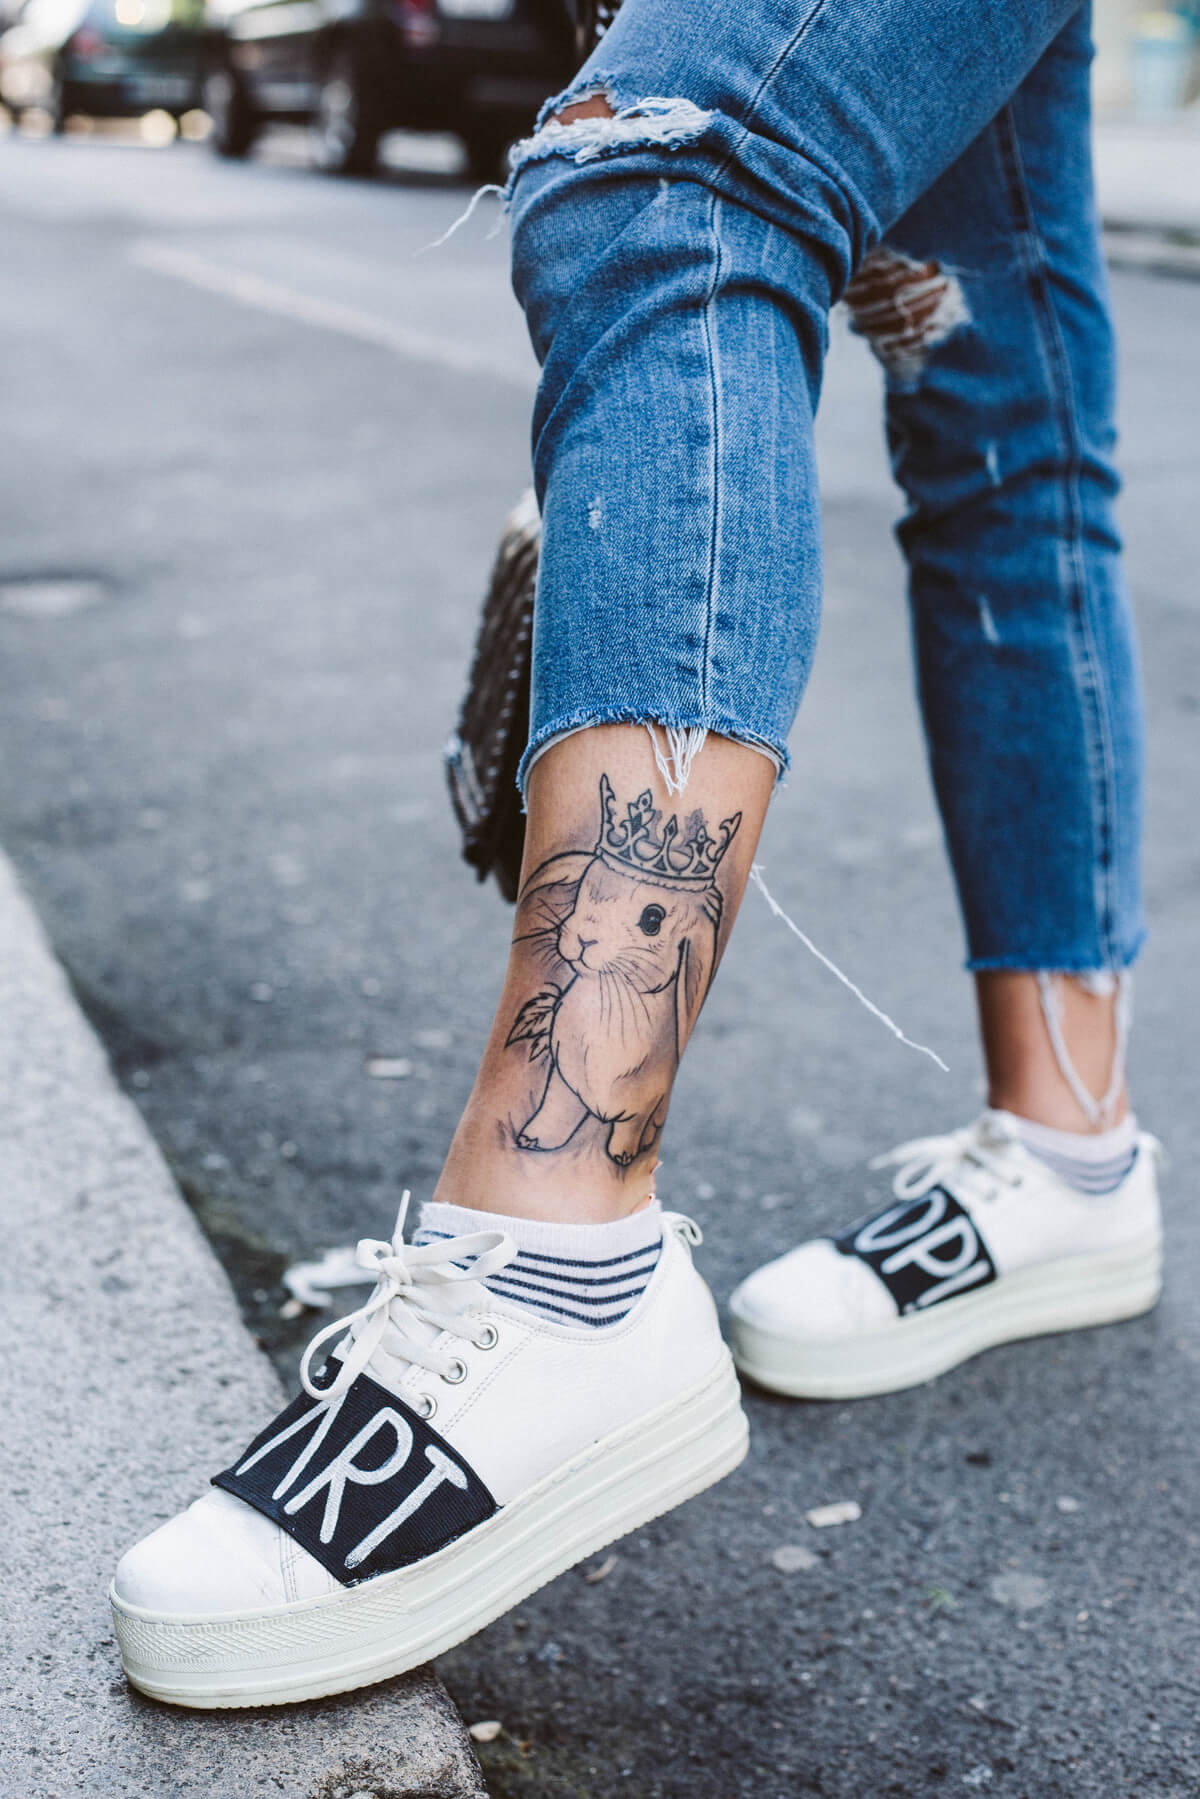 Rabbit tattoo